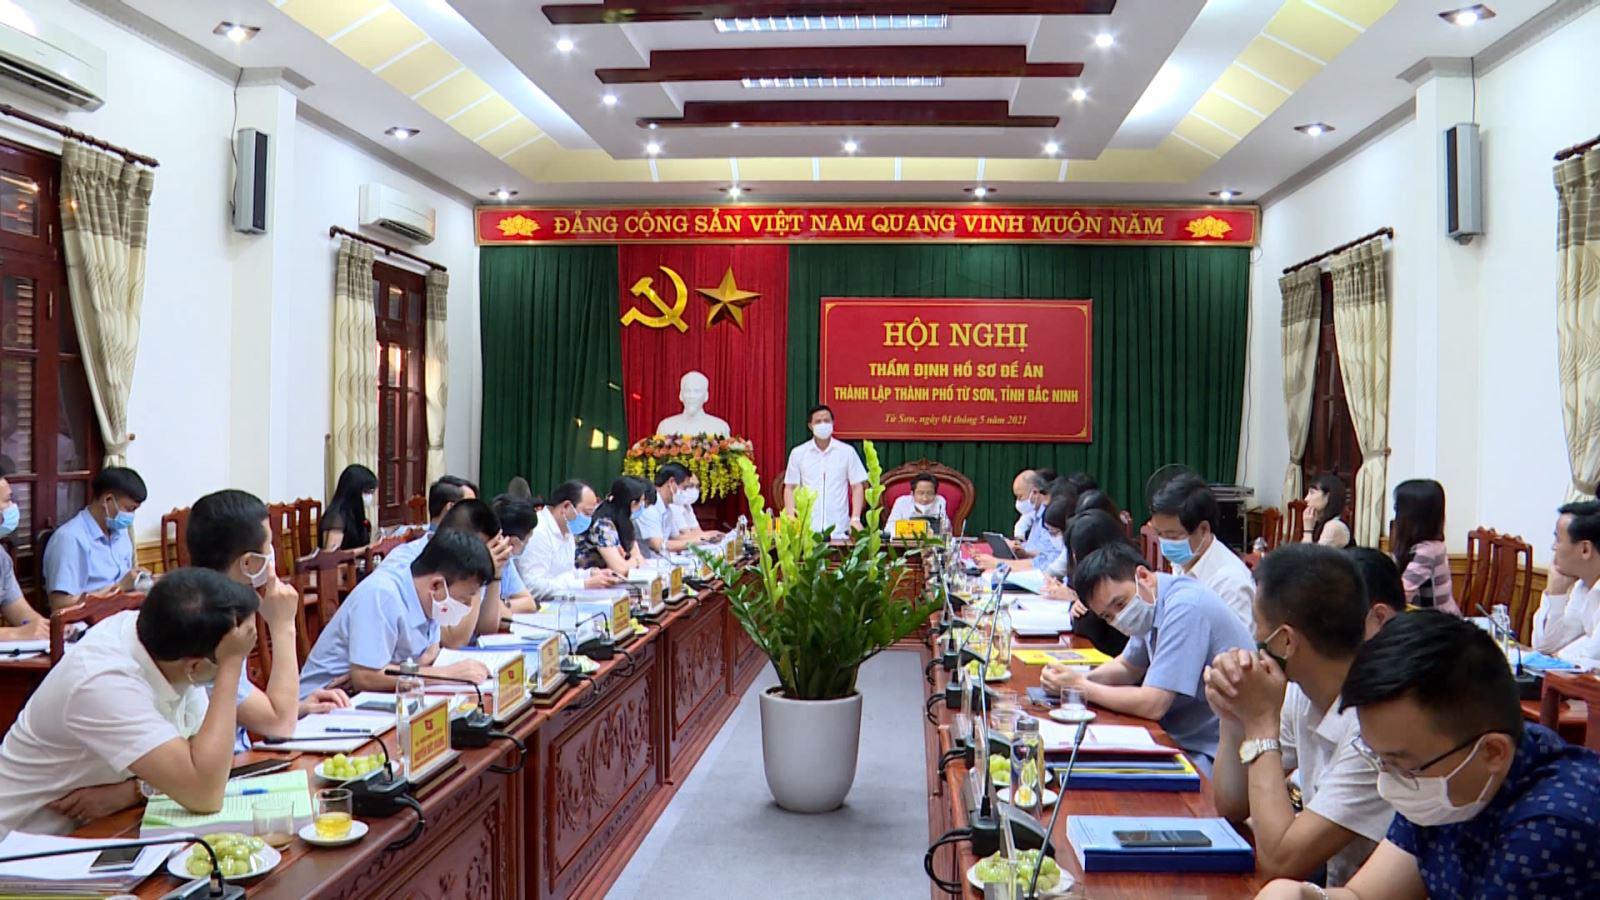 Bắc Ninh: Thành phố Từ Sơn sẽ trở thành trung tâm dịch vụ, tài chính ngân hàng của khu vực - Ảnh 1.